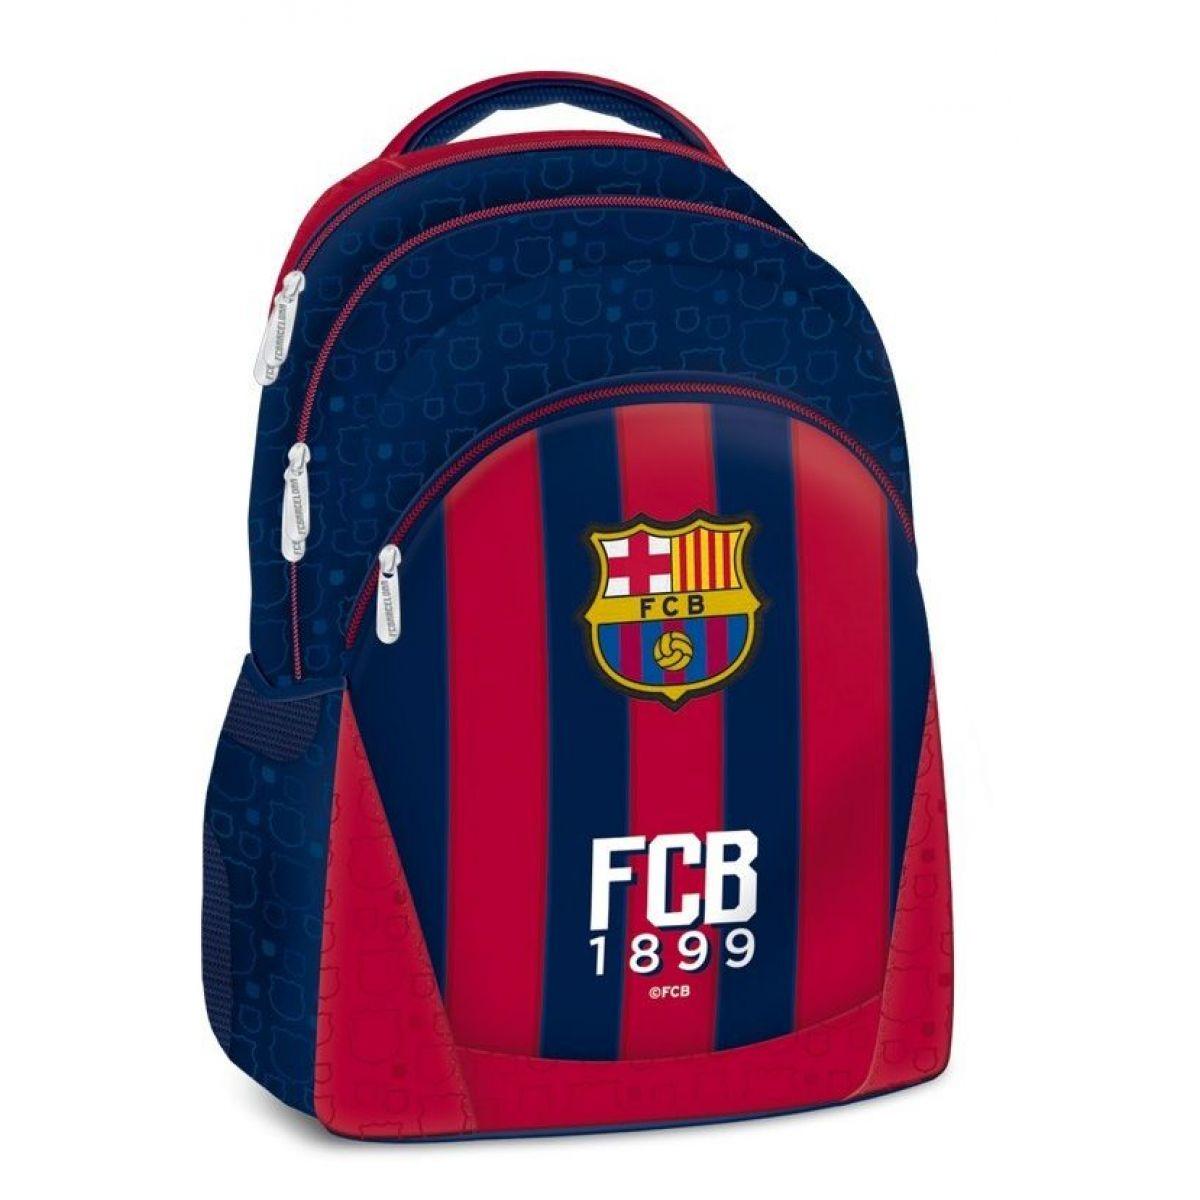 Ars Una Školní batoh FC Barcelona 3 komorový